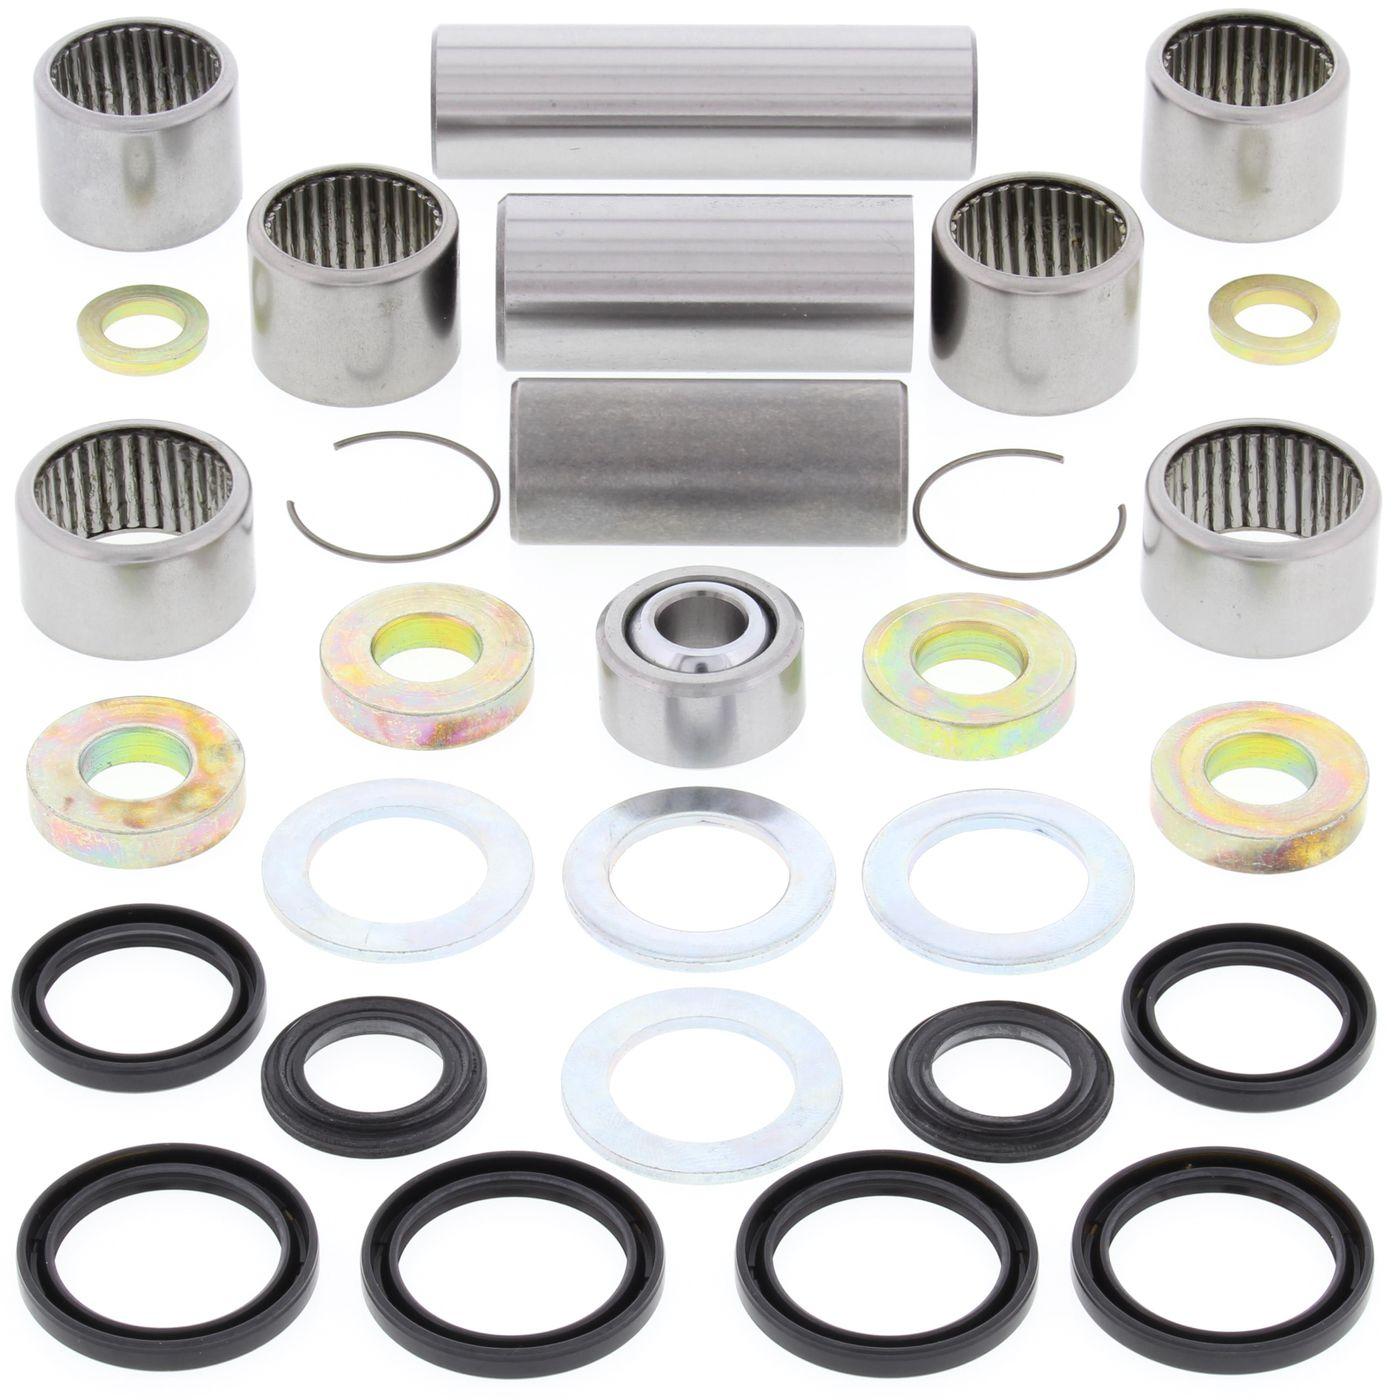 wrp shock linkage bearing kits - WRP271021 image